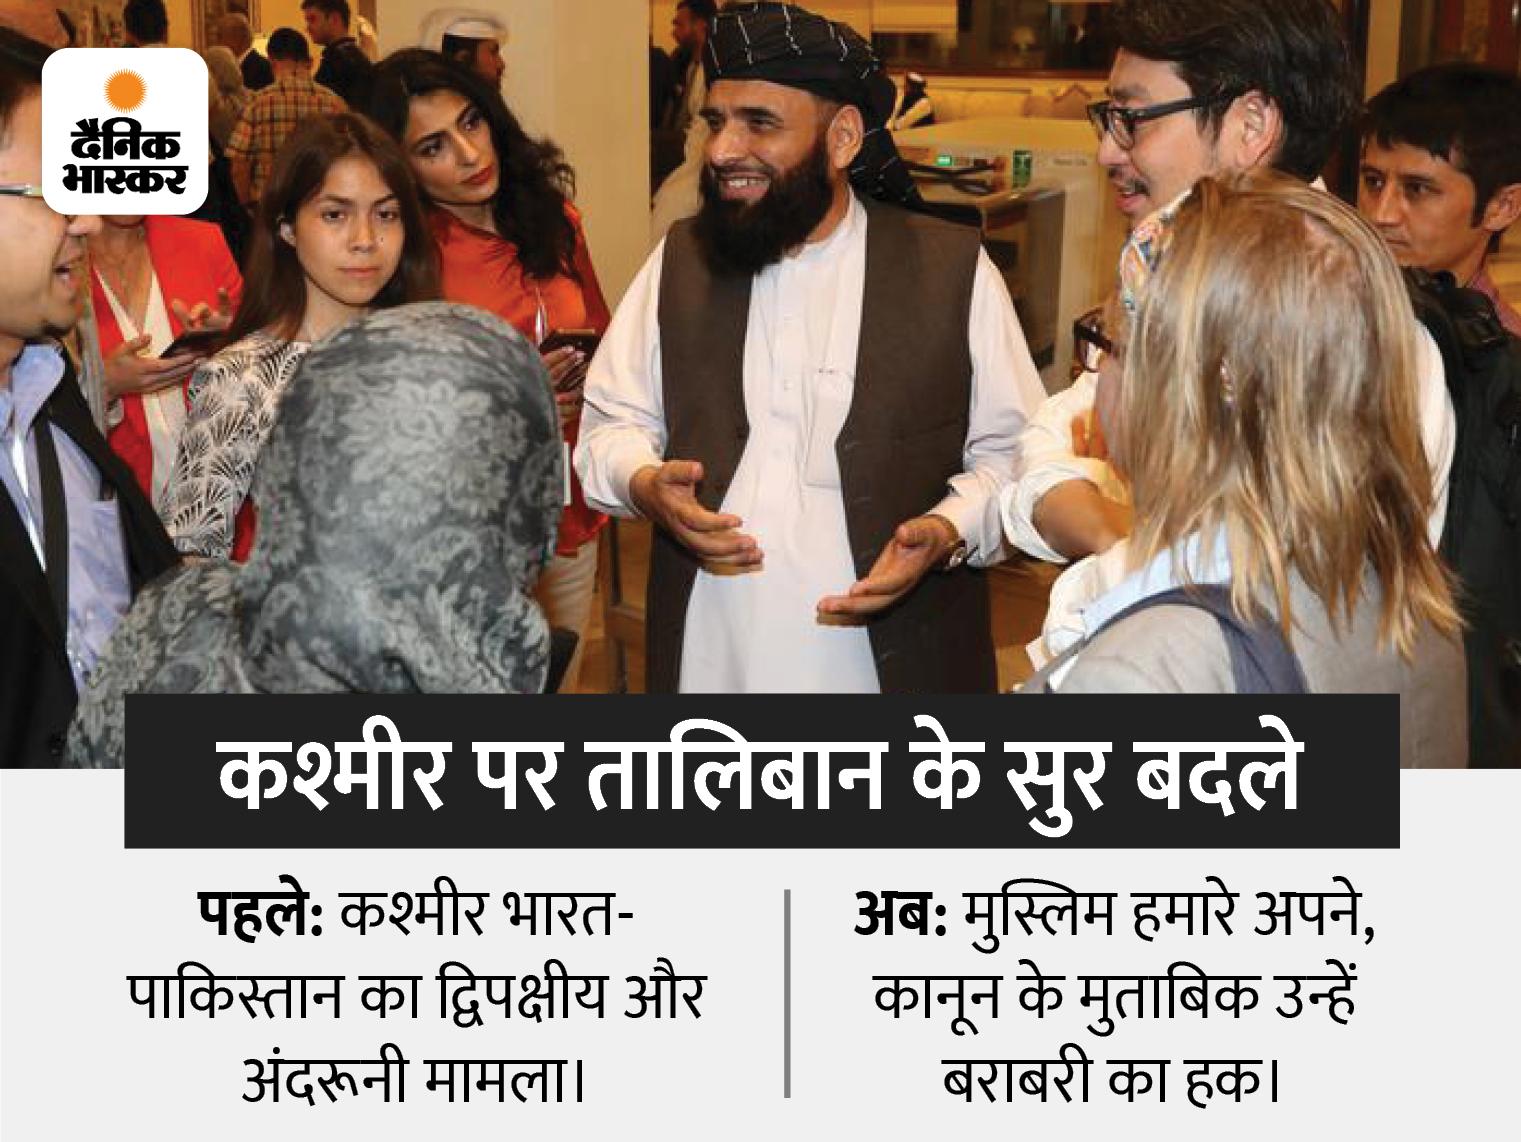 प्रवक्ता ने कहा- कश्मीर क्या, भारत या किसी भी देश में मुस्लिमों के लिए आवाज उठाने का हमें हक है|विदेश,International - Dainik Bhaskar